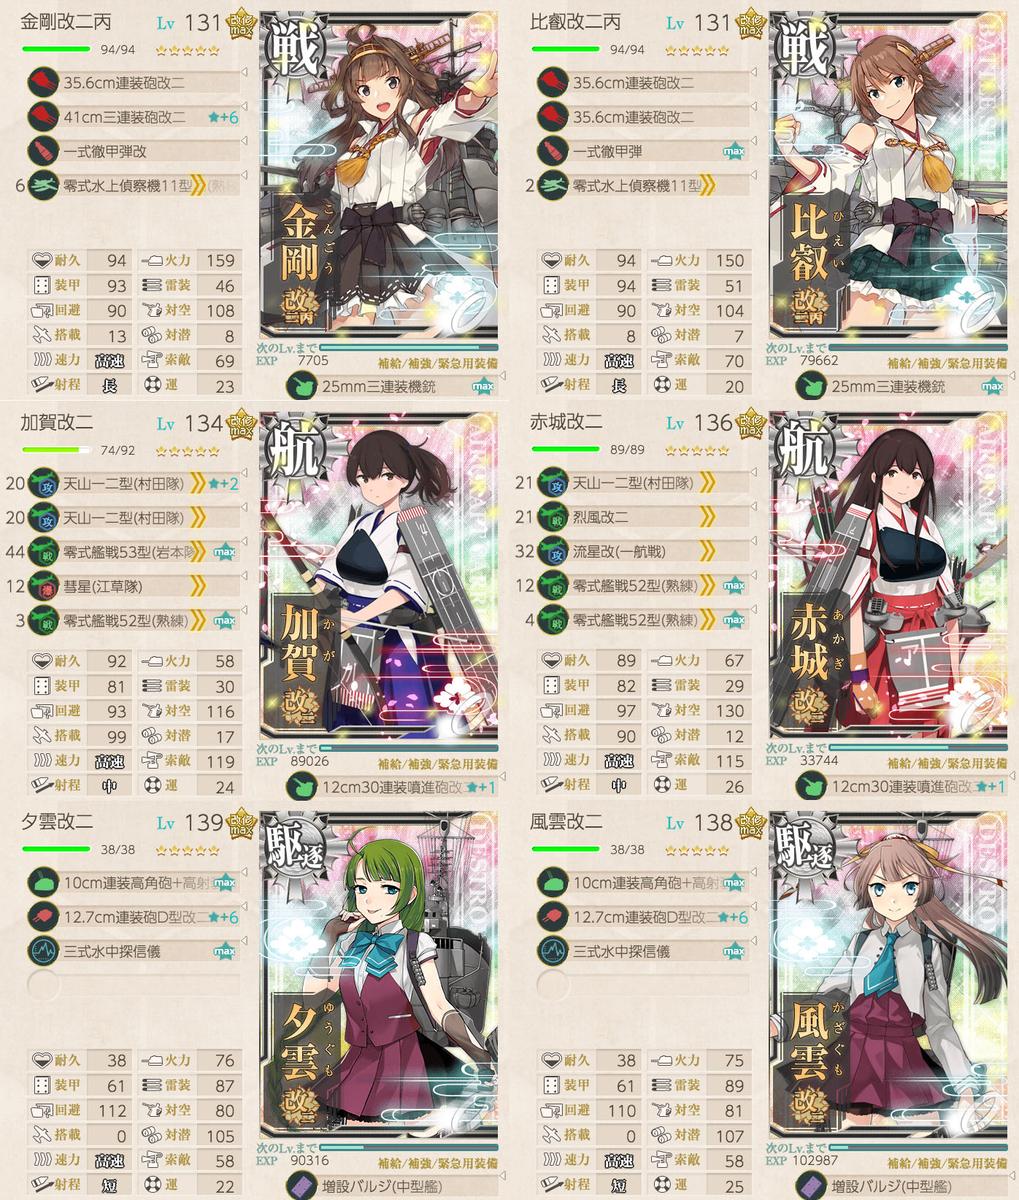 f:id:nameless_admiral:20200830052217j:plain